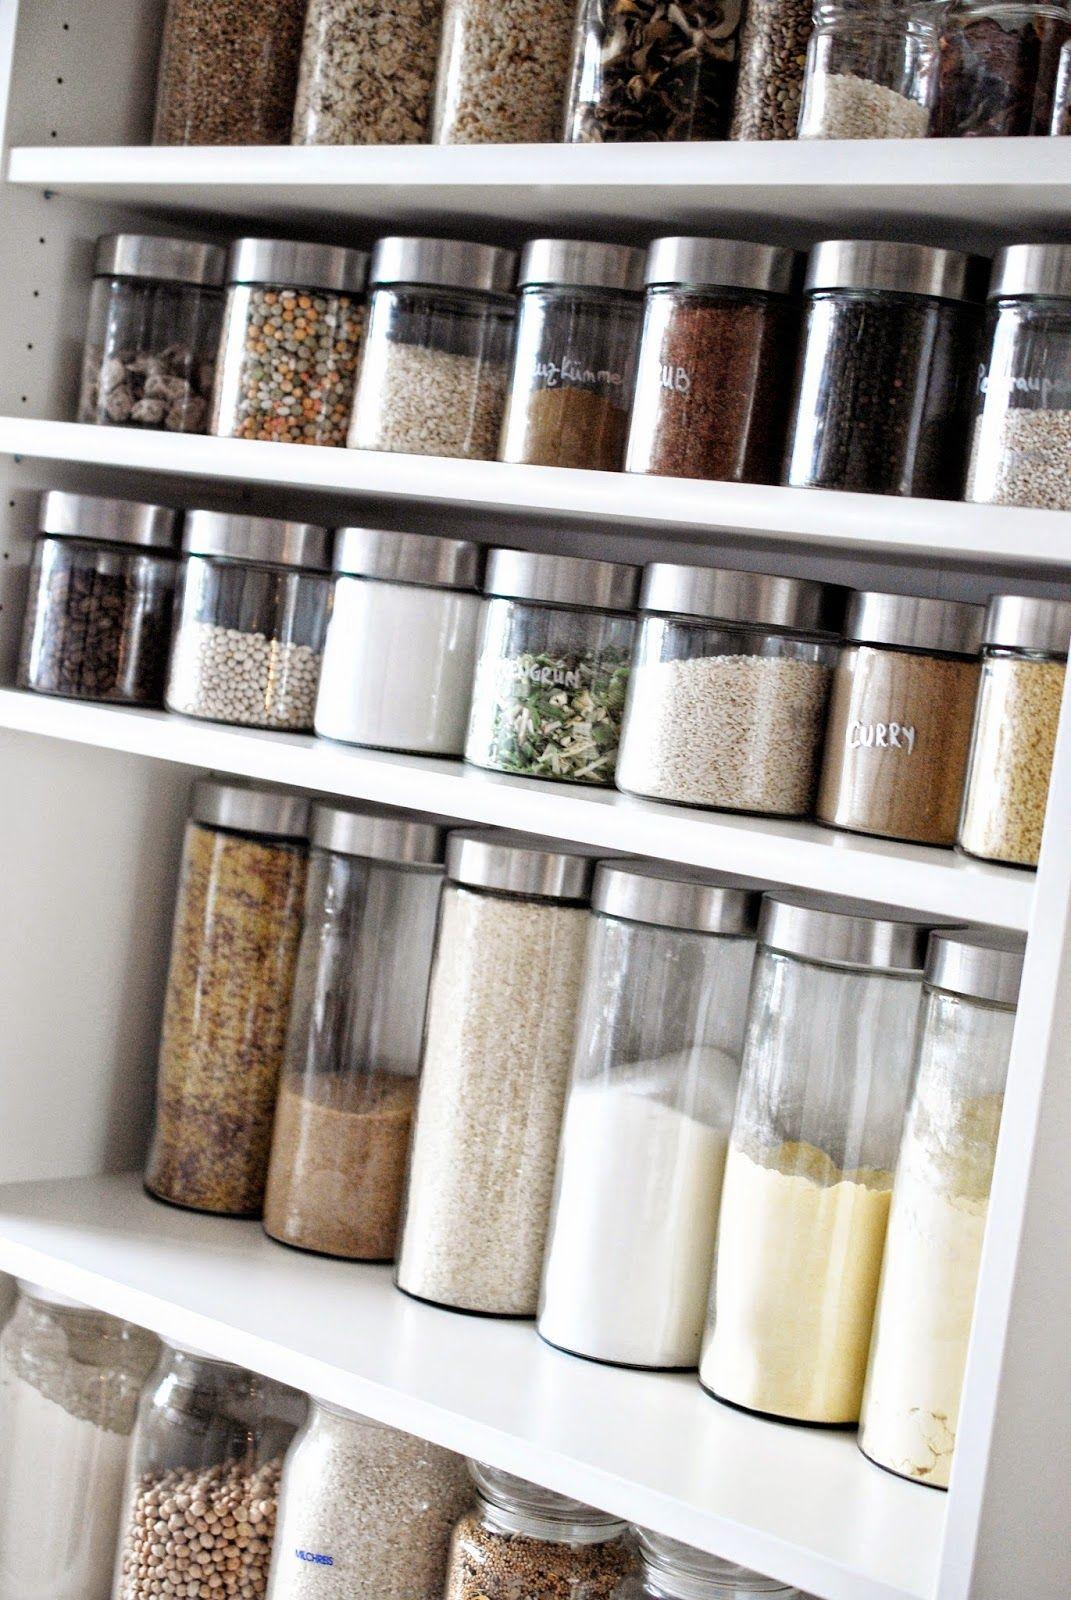 Vorratsschrank Organisieren Speisekammer Organisieren Ordnung In Der Kuche Haushalts Tipps